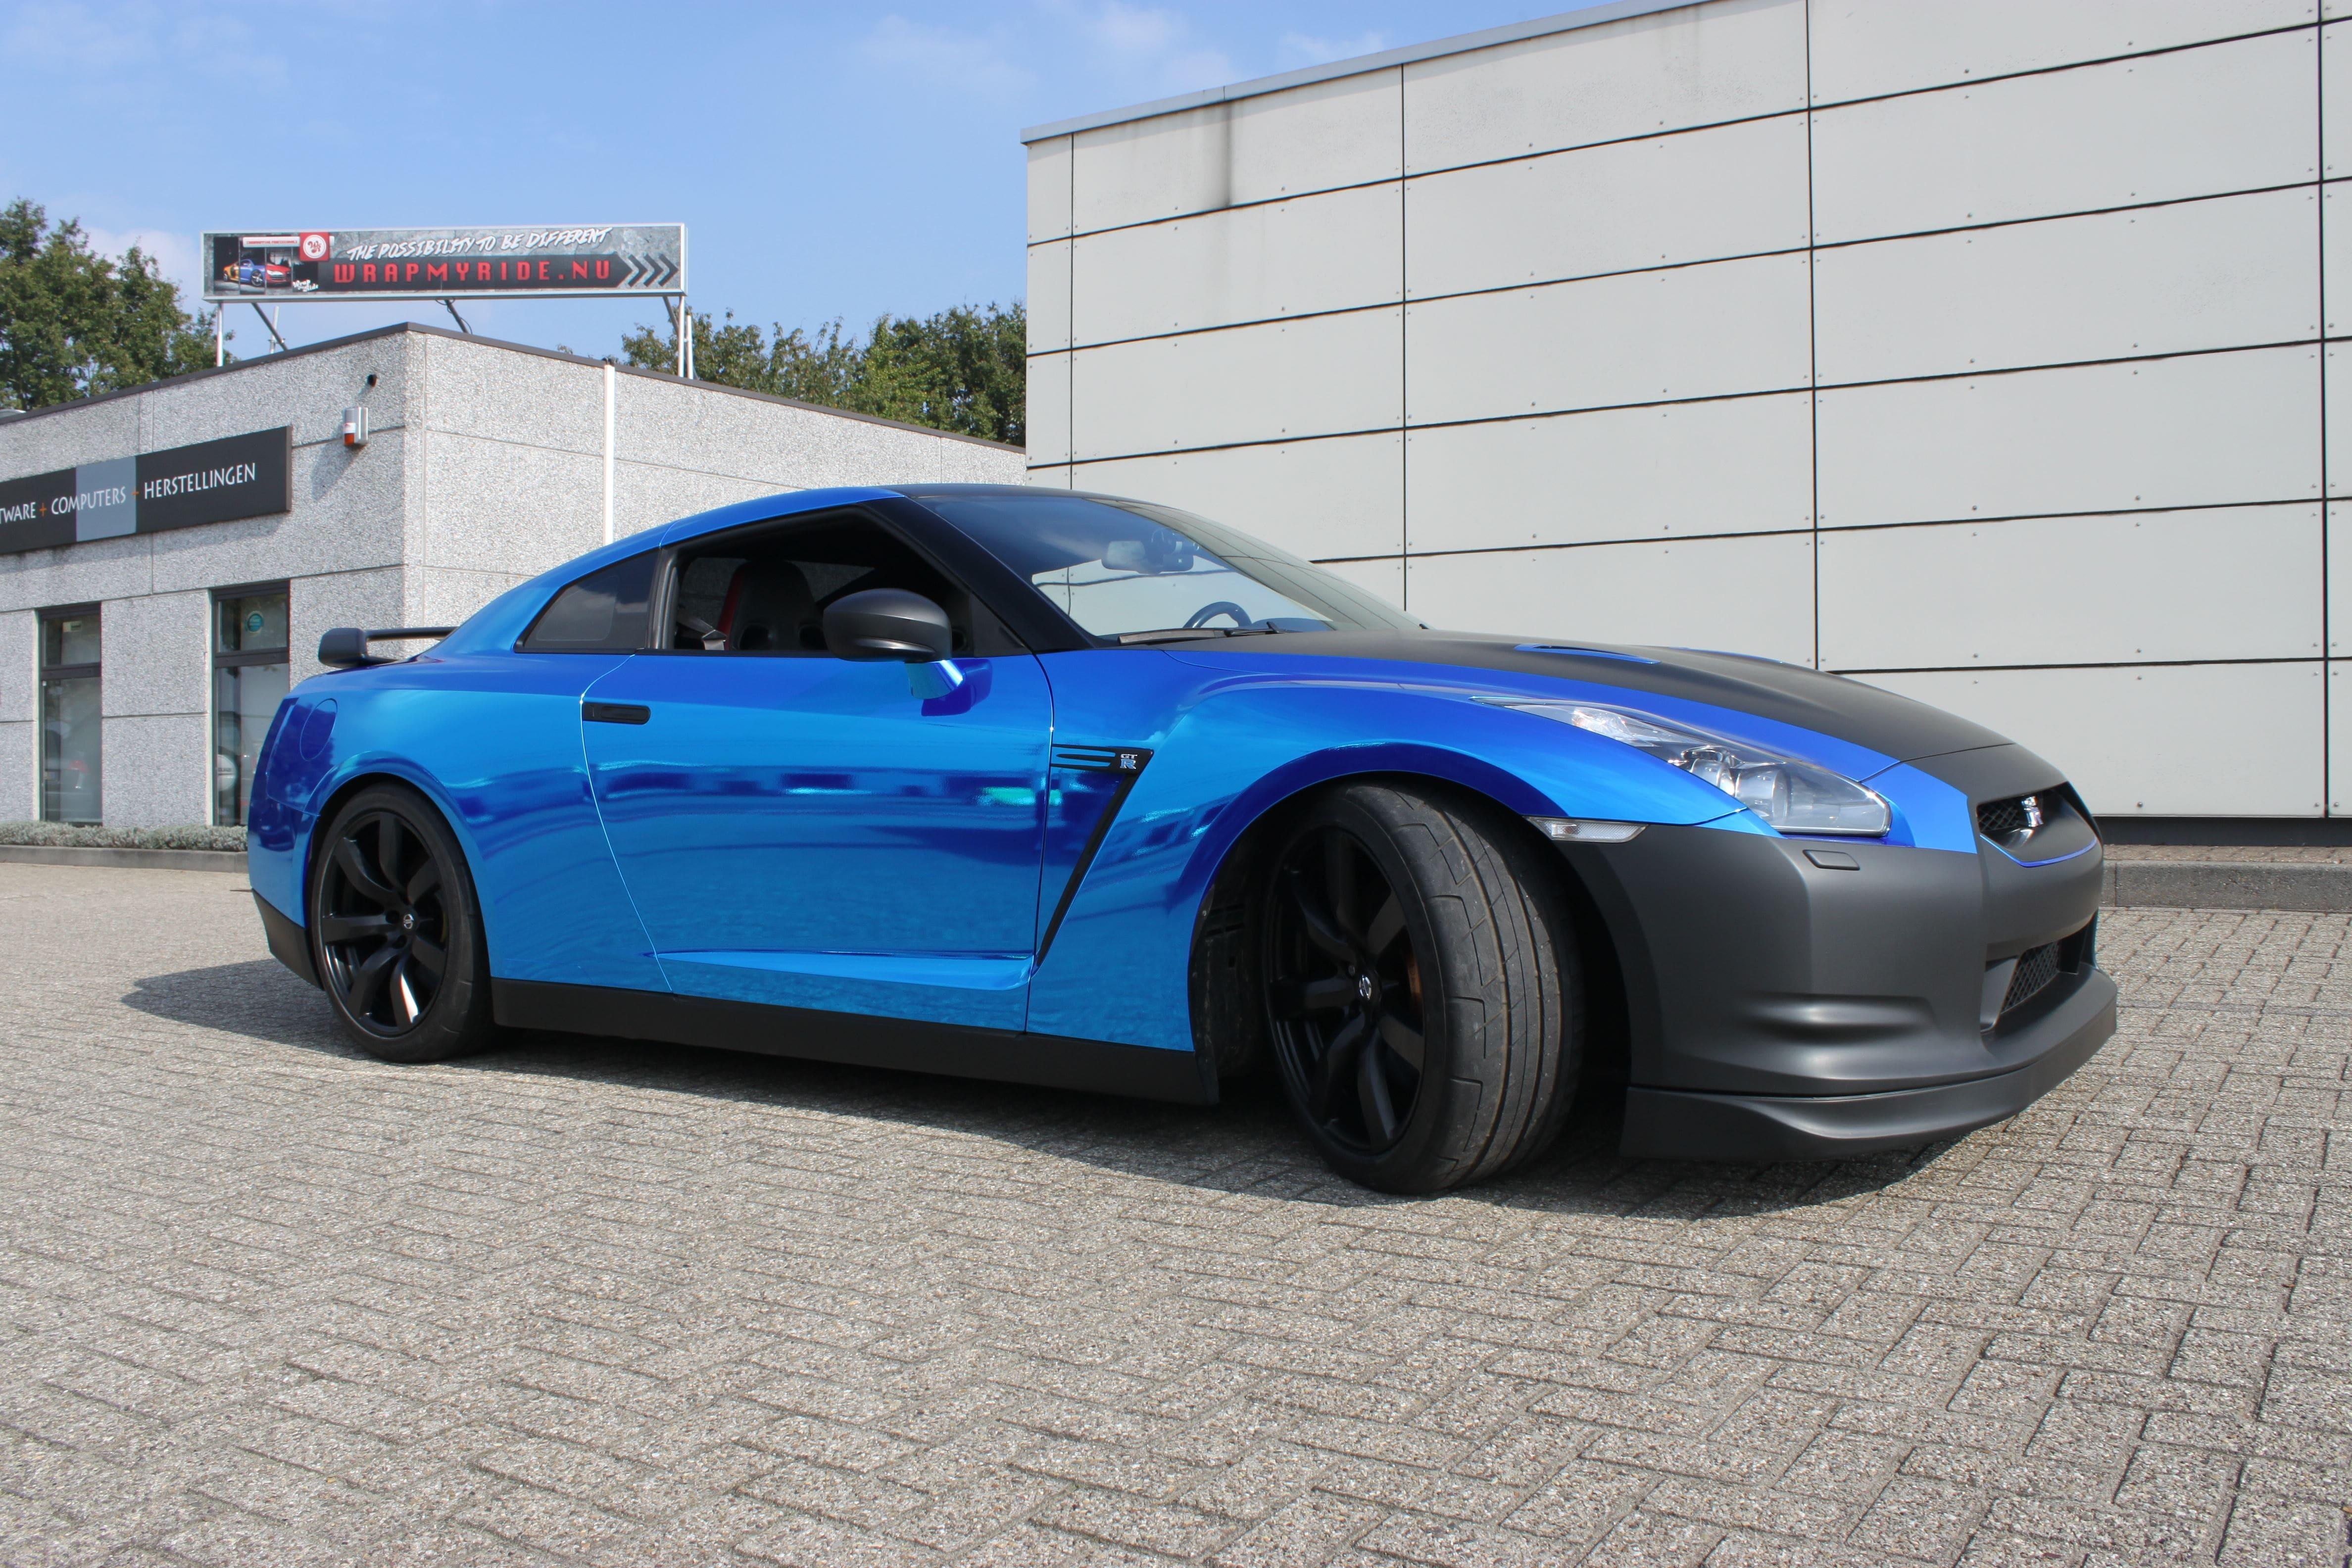 Nissan GT-R met Blue Chrome Wrap, Carwrapping door Wrapmyride.nu Foto-nr:6476, ©2021